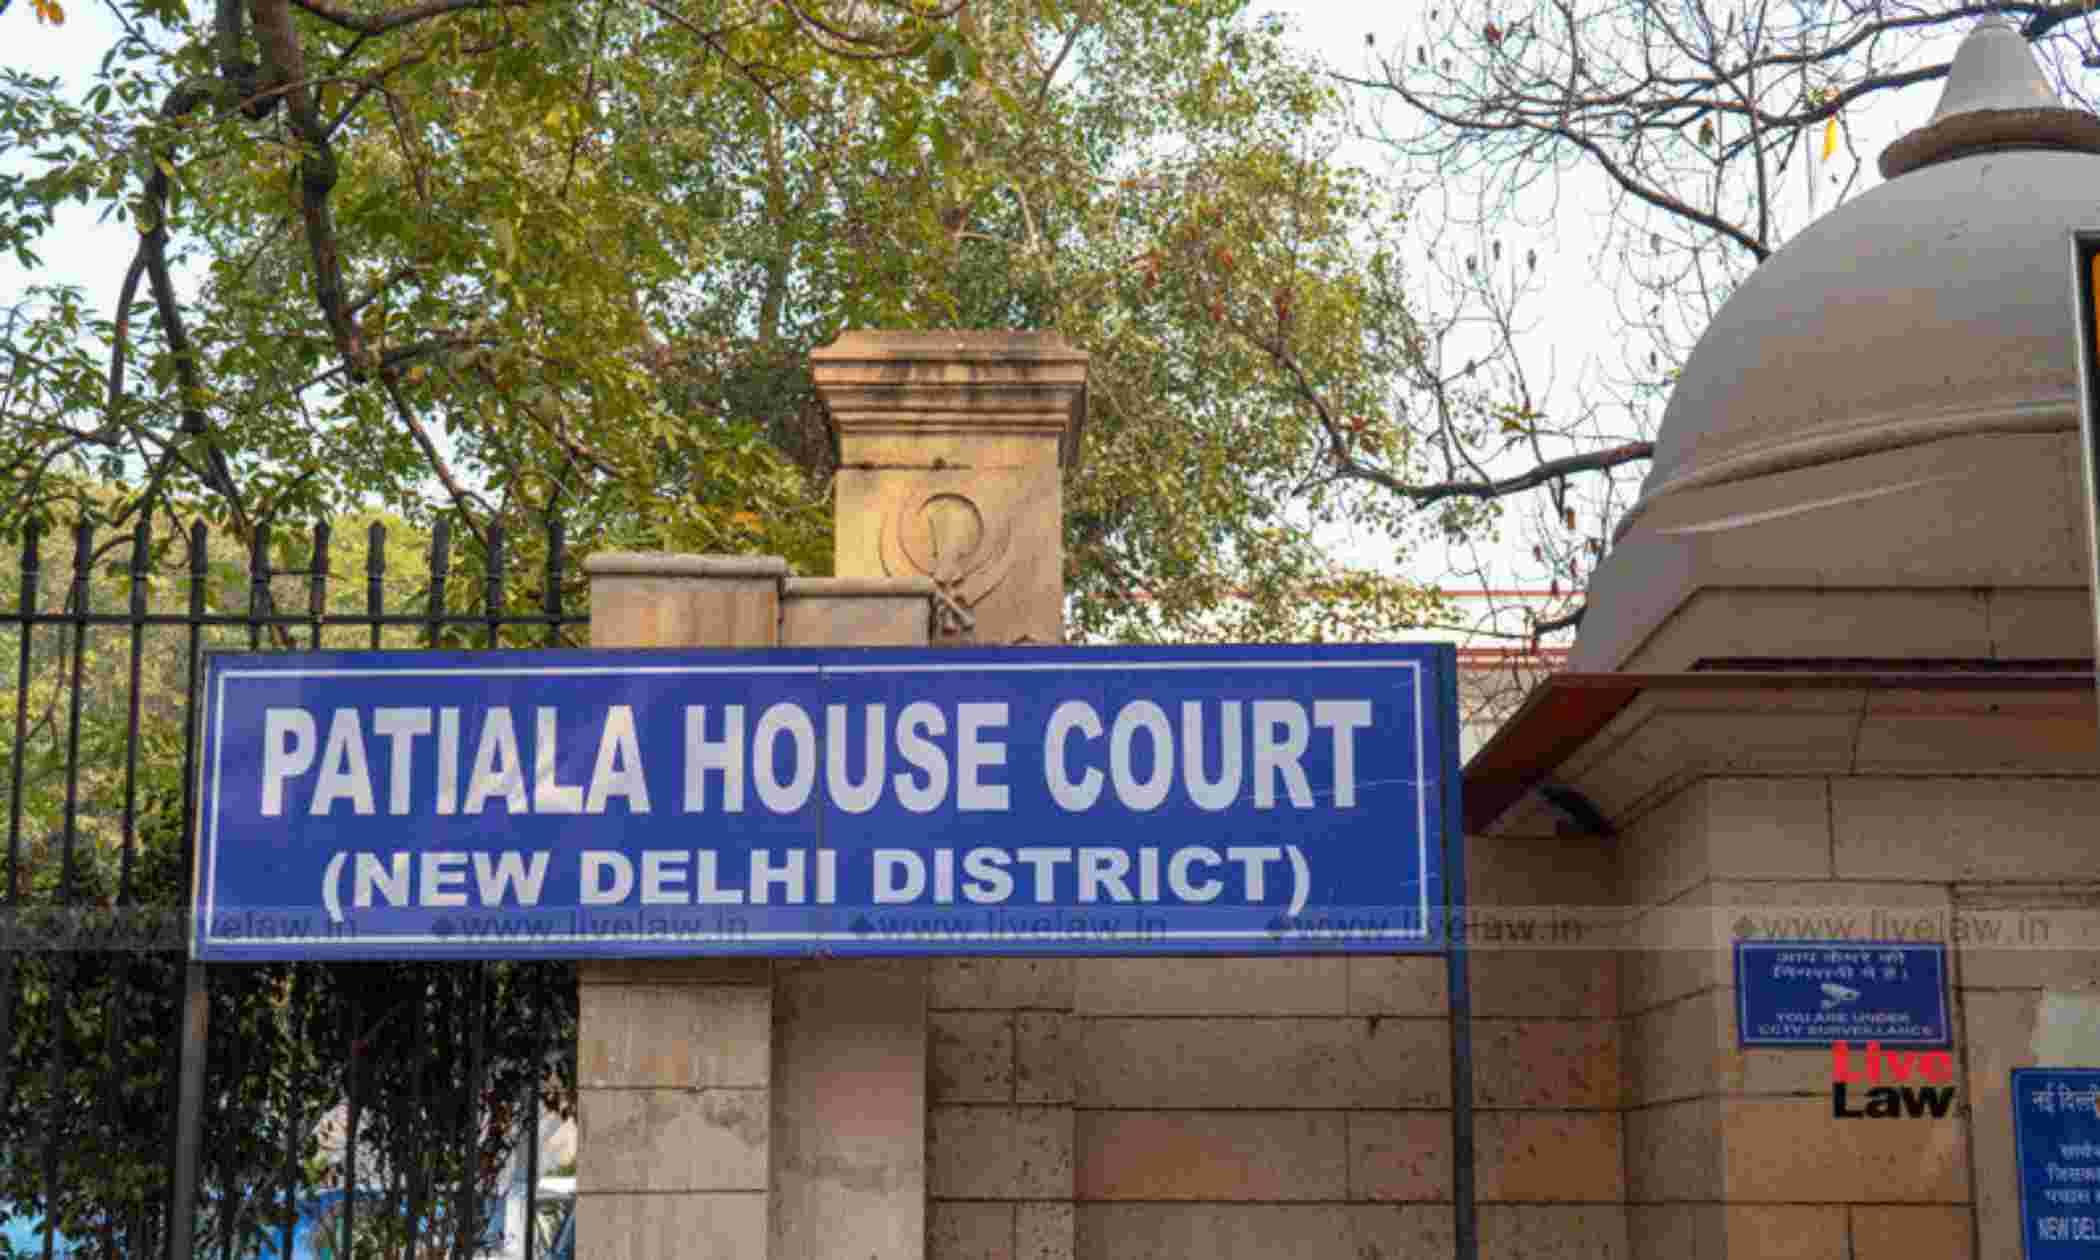 कोर्ट फीस स्टाम्प चिपकाने के लिए सलाइवा का इस्तेमाल न करें : दिल्ली ज़िला और सत्र जज (HQ)